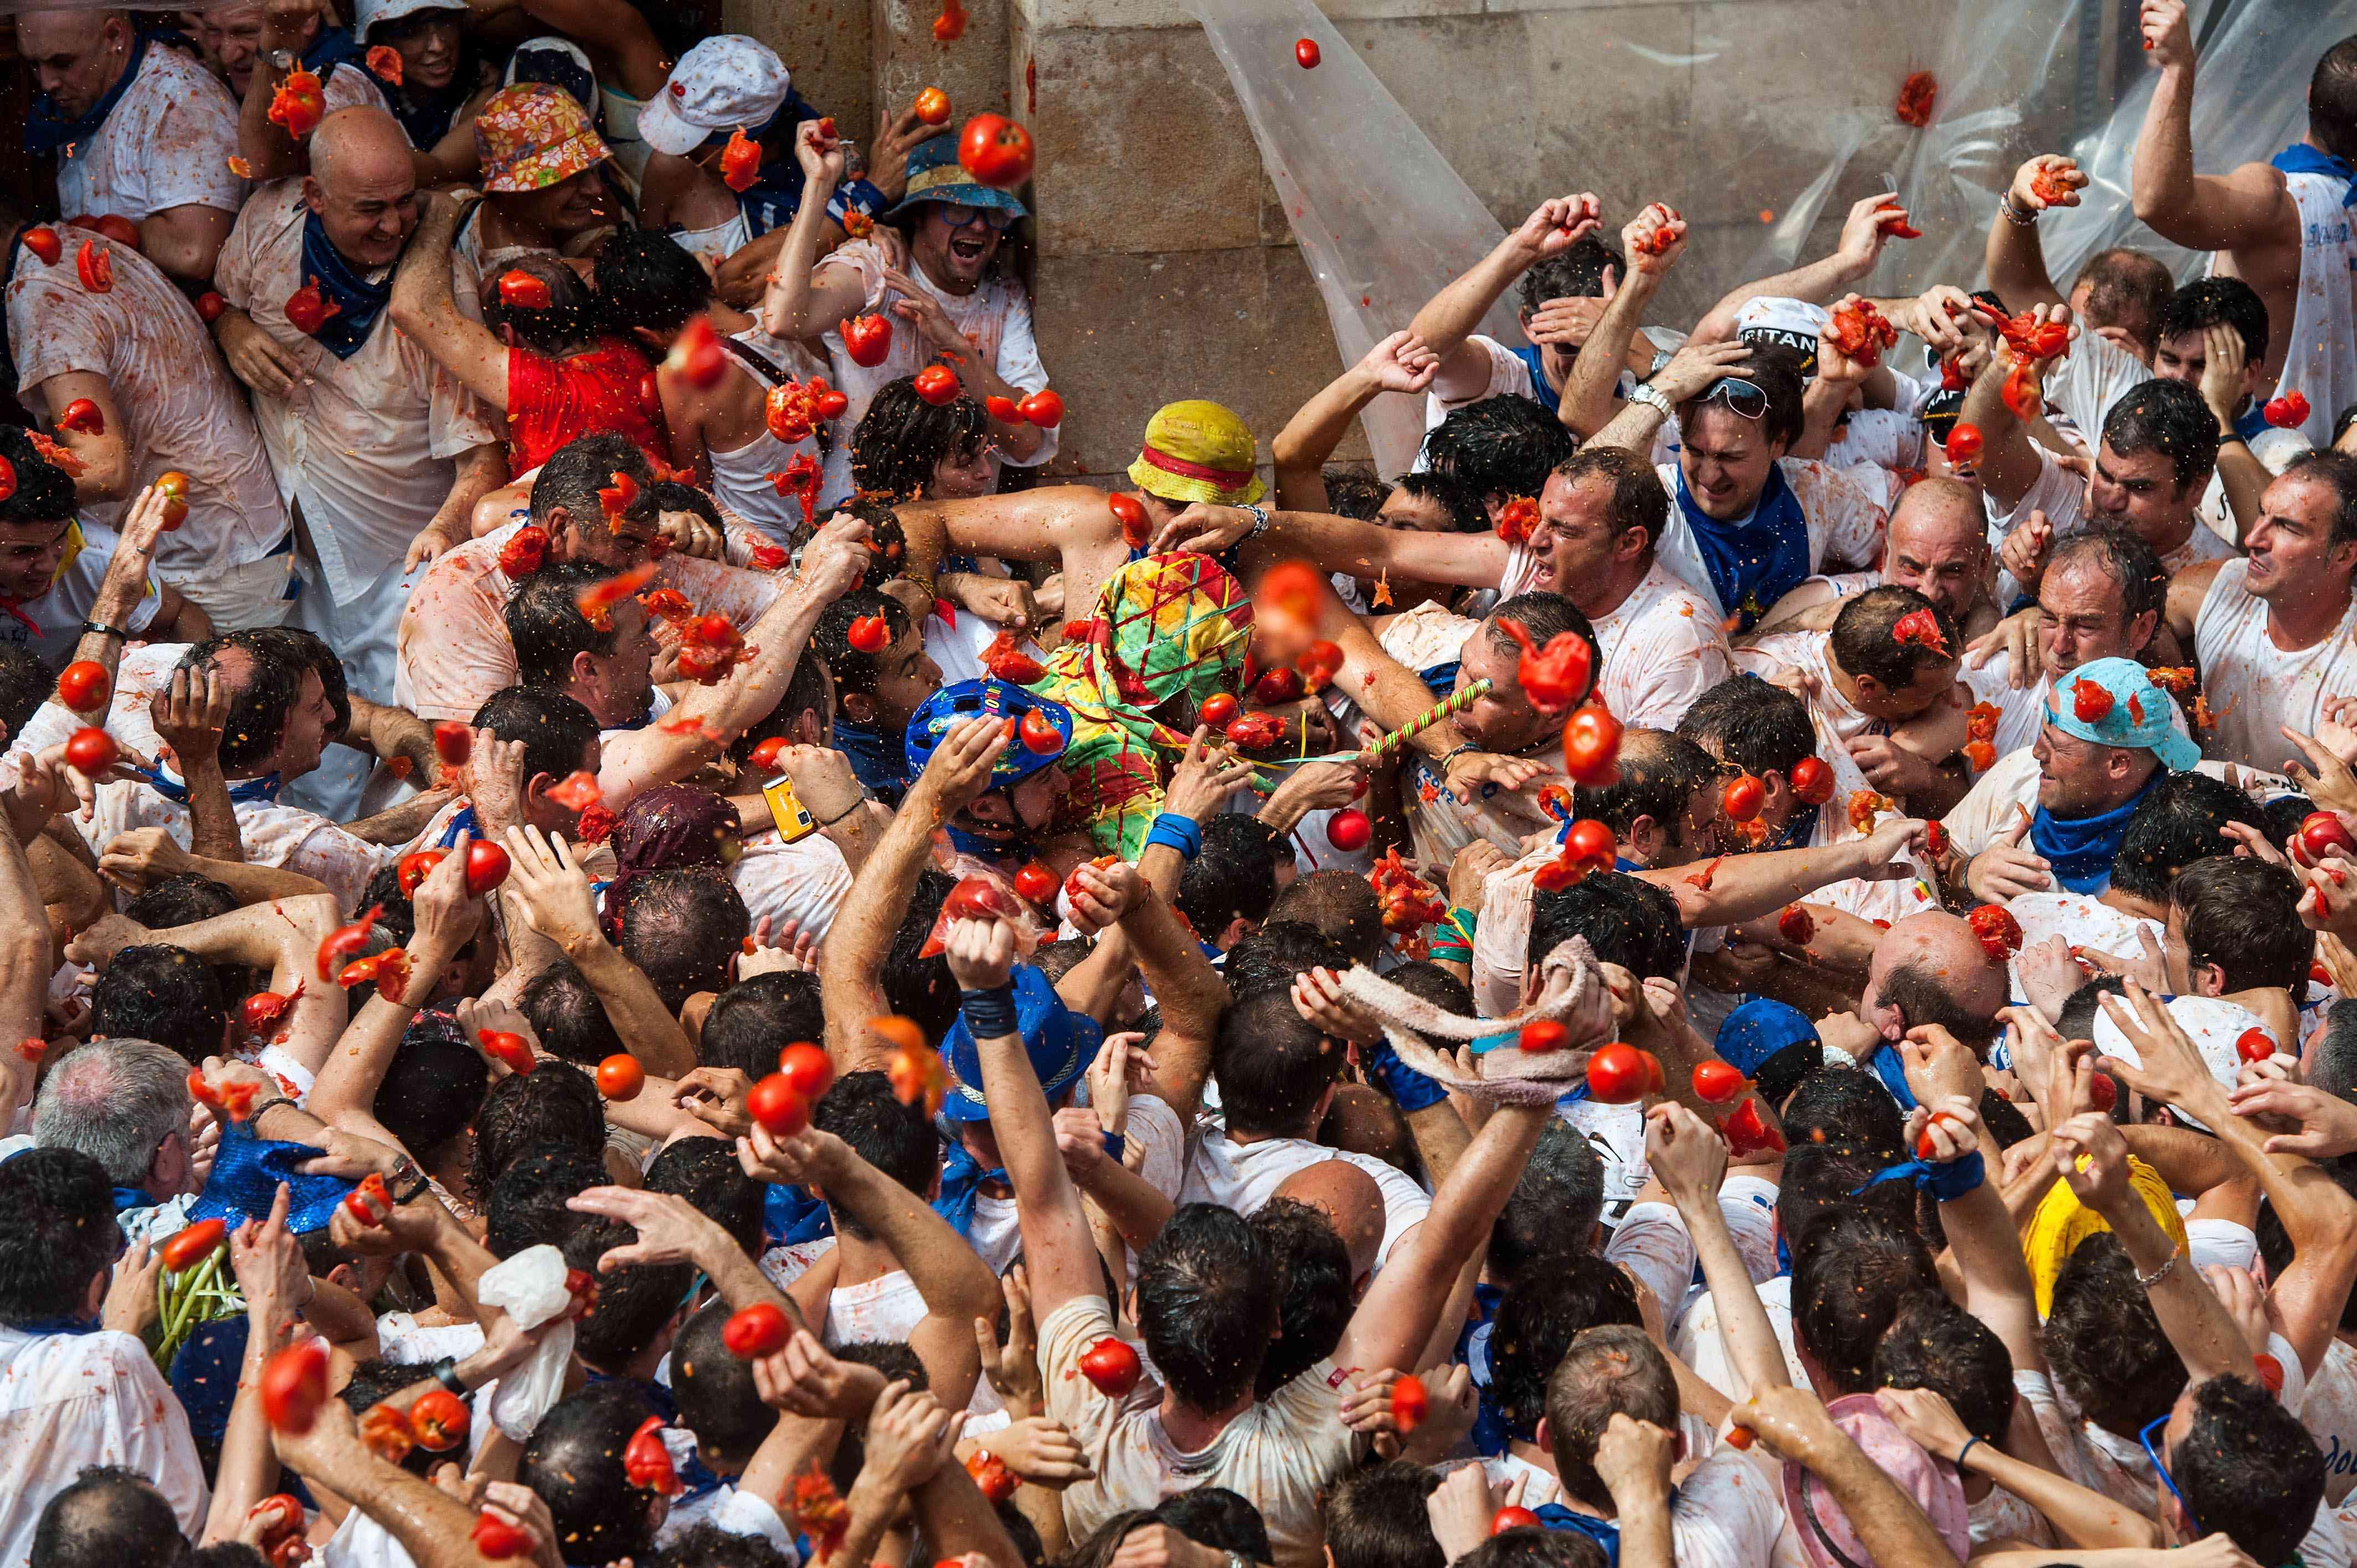 Cipotegato 2013 in Spain